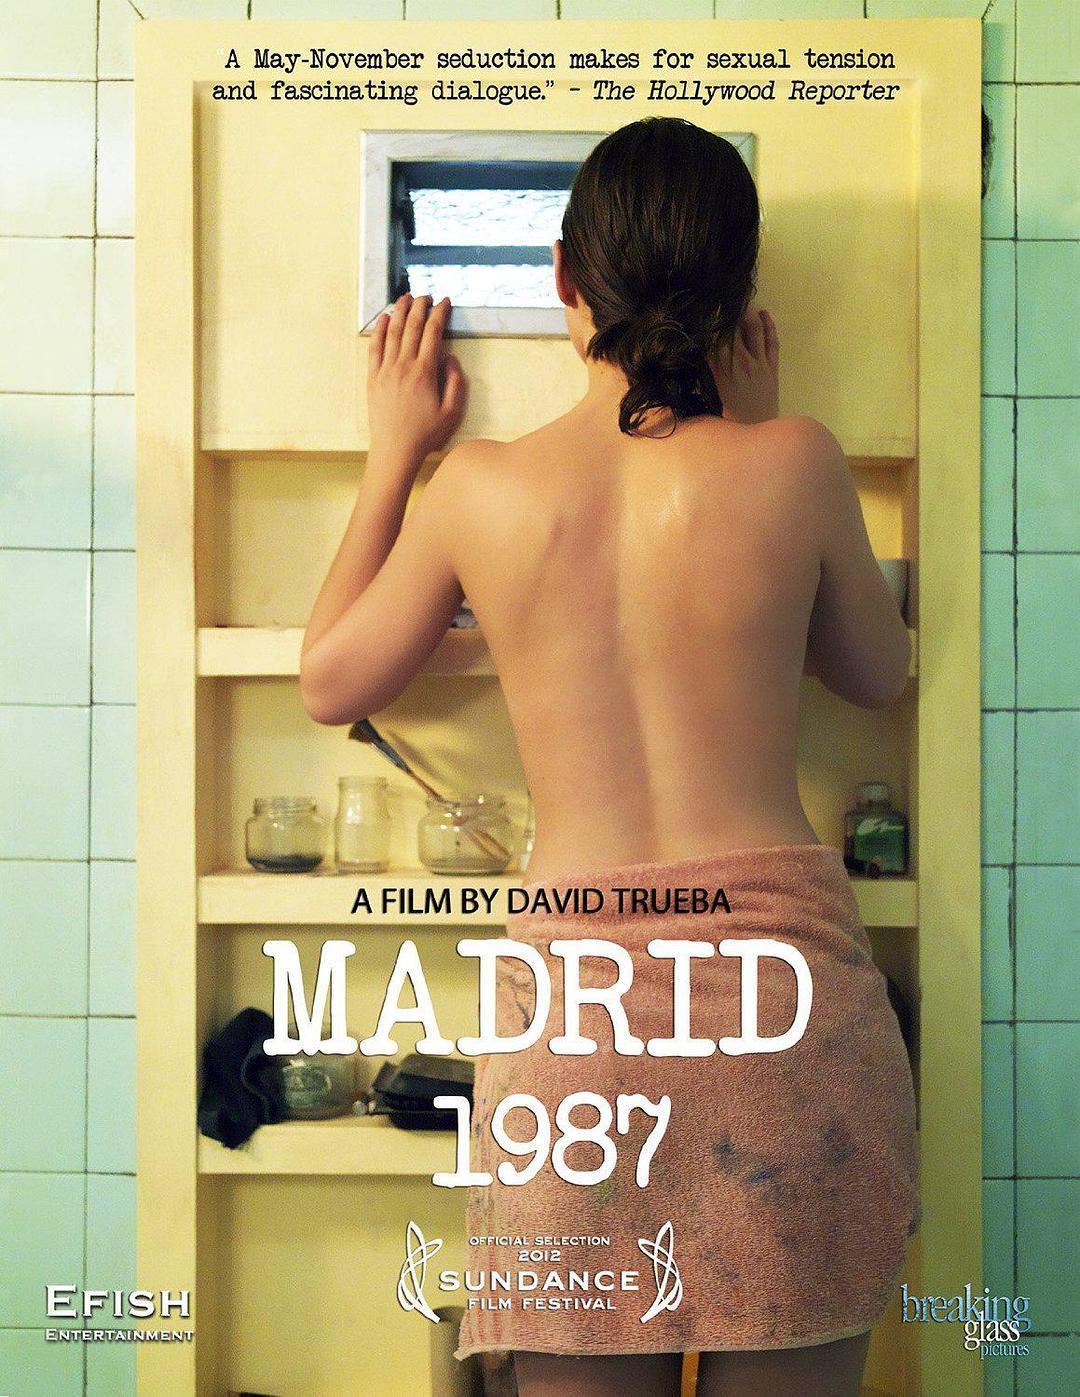 马德里1987